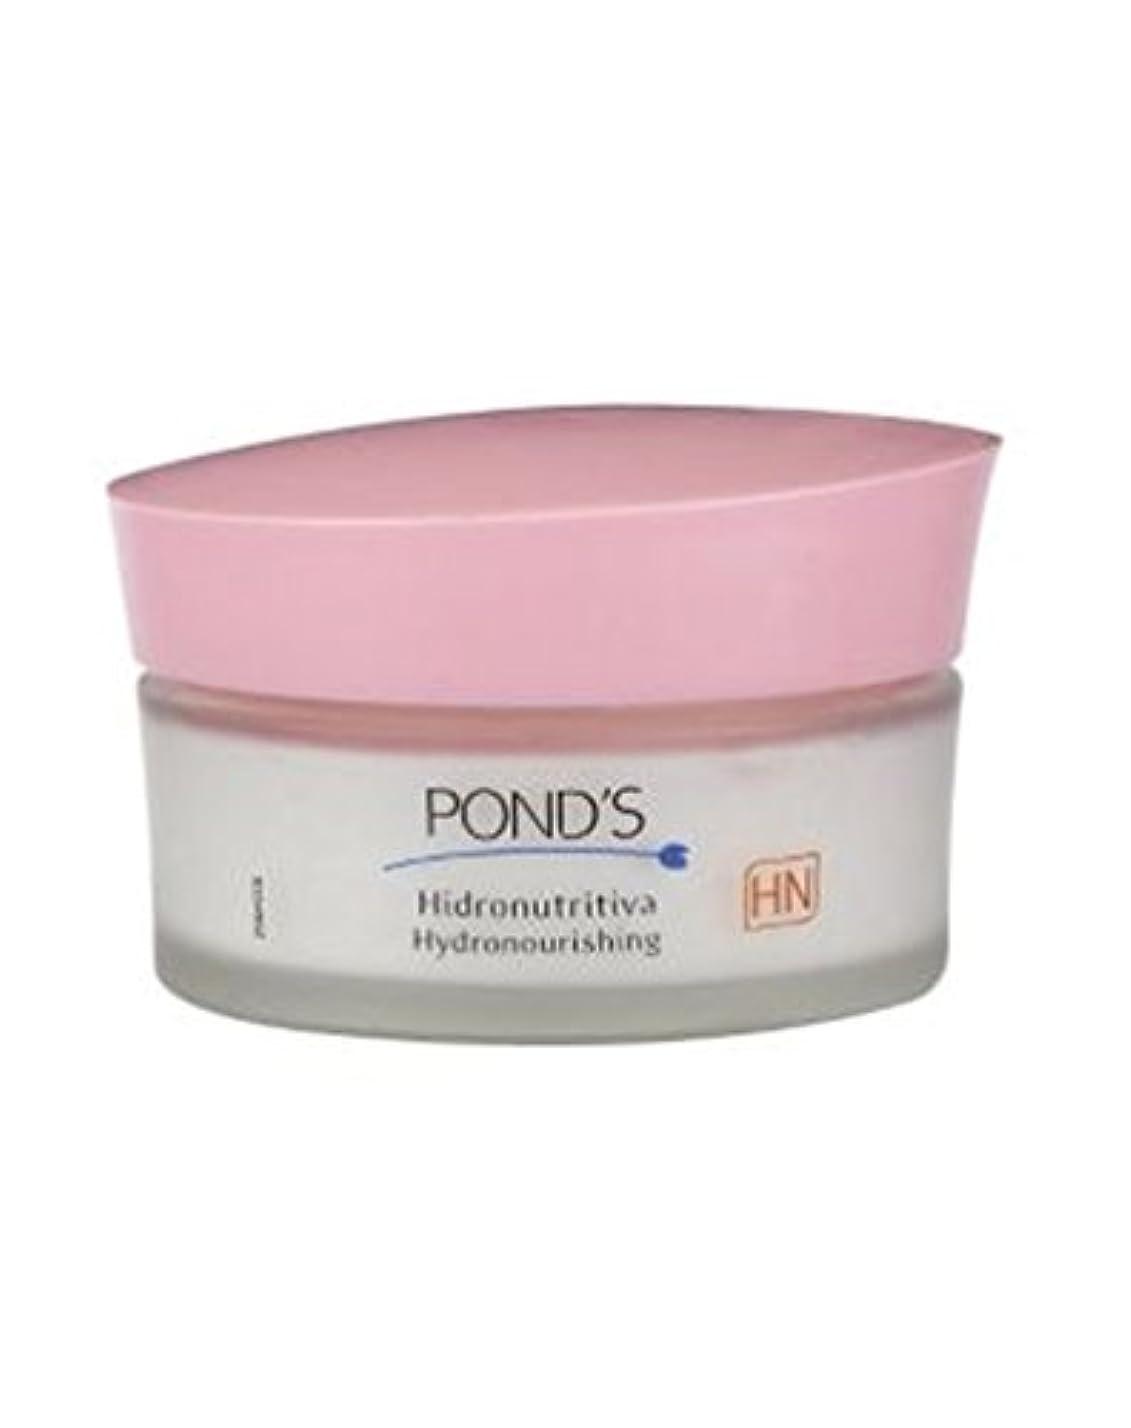 資料ご飯クリエイティブアンチリンクルクリーム50ミリリットル栄養池 (Ponds) (x2) - Ponds Nourishing Anti-wrinkle Cream 50ml (Pack of 2) [並行輸入品]